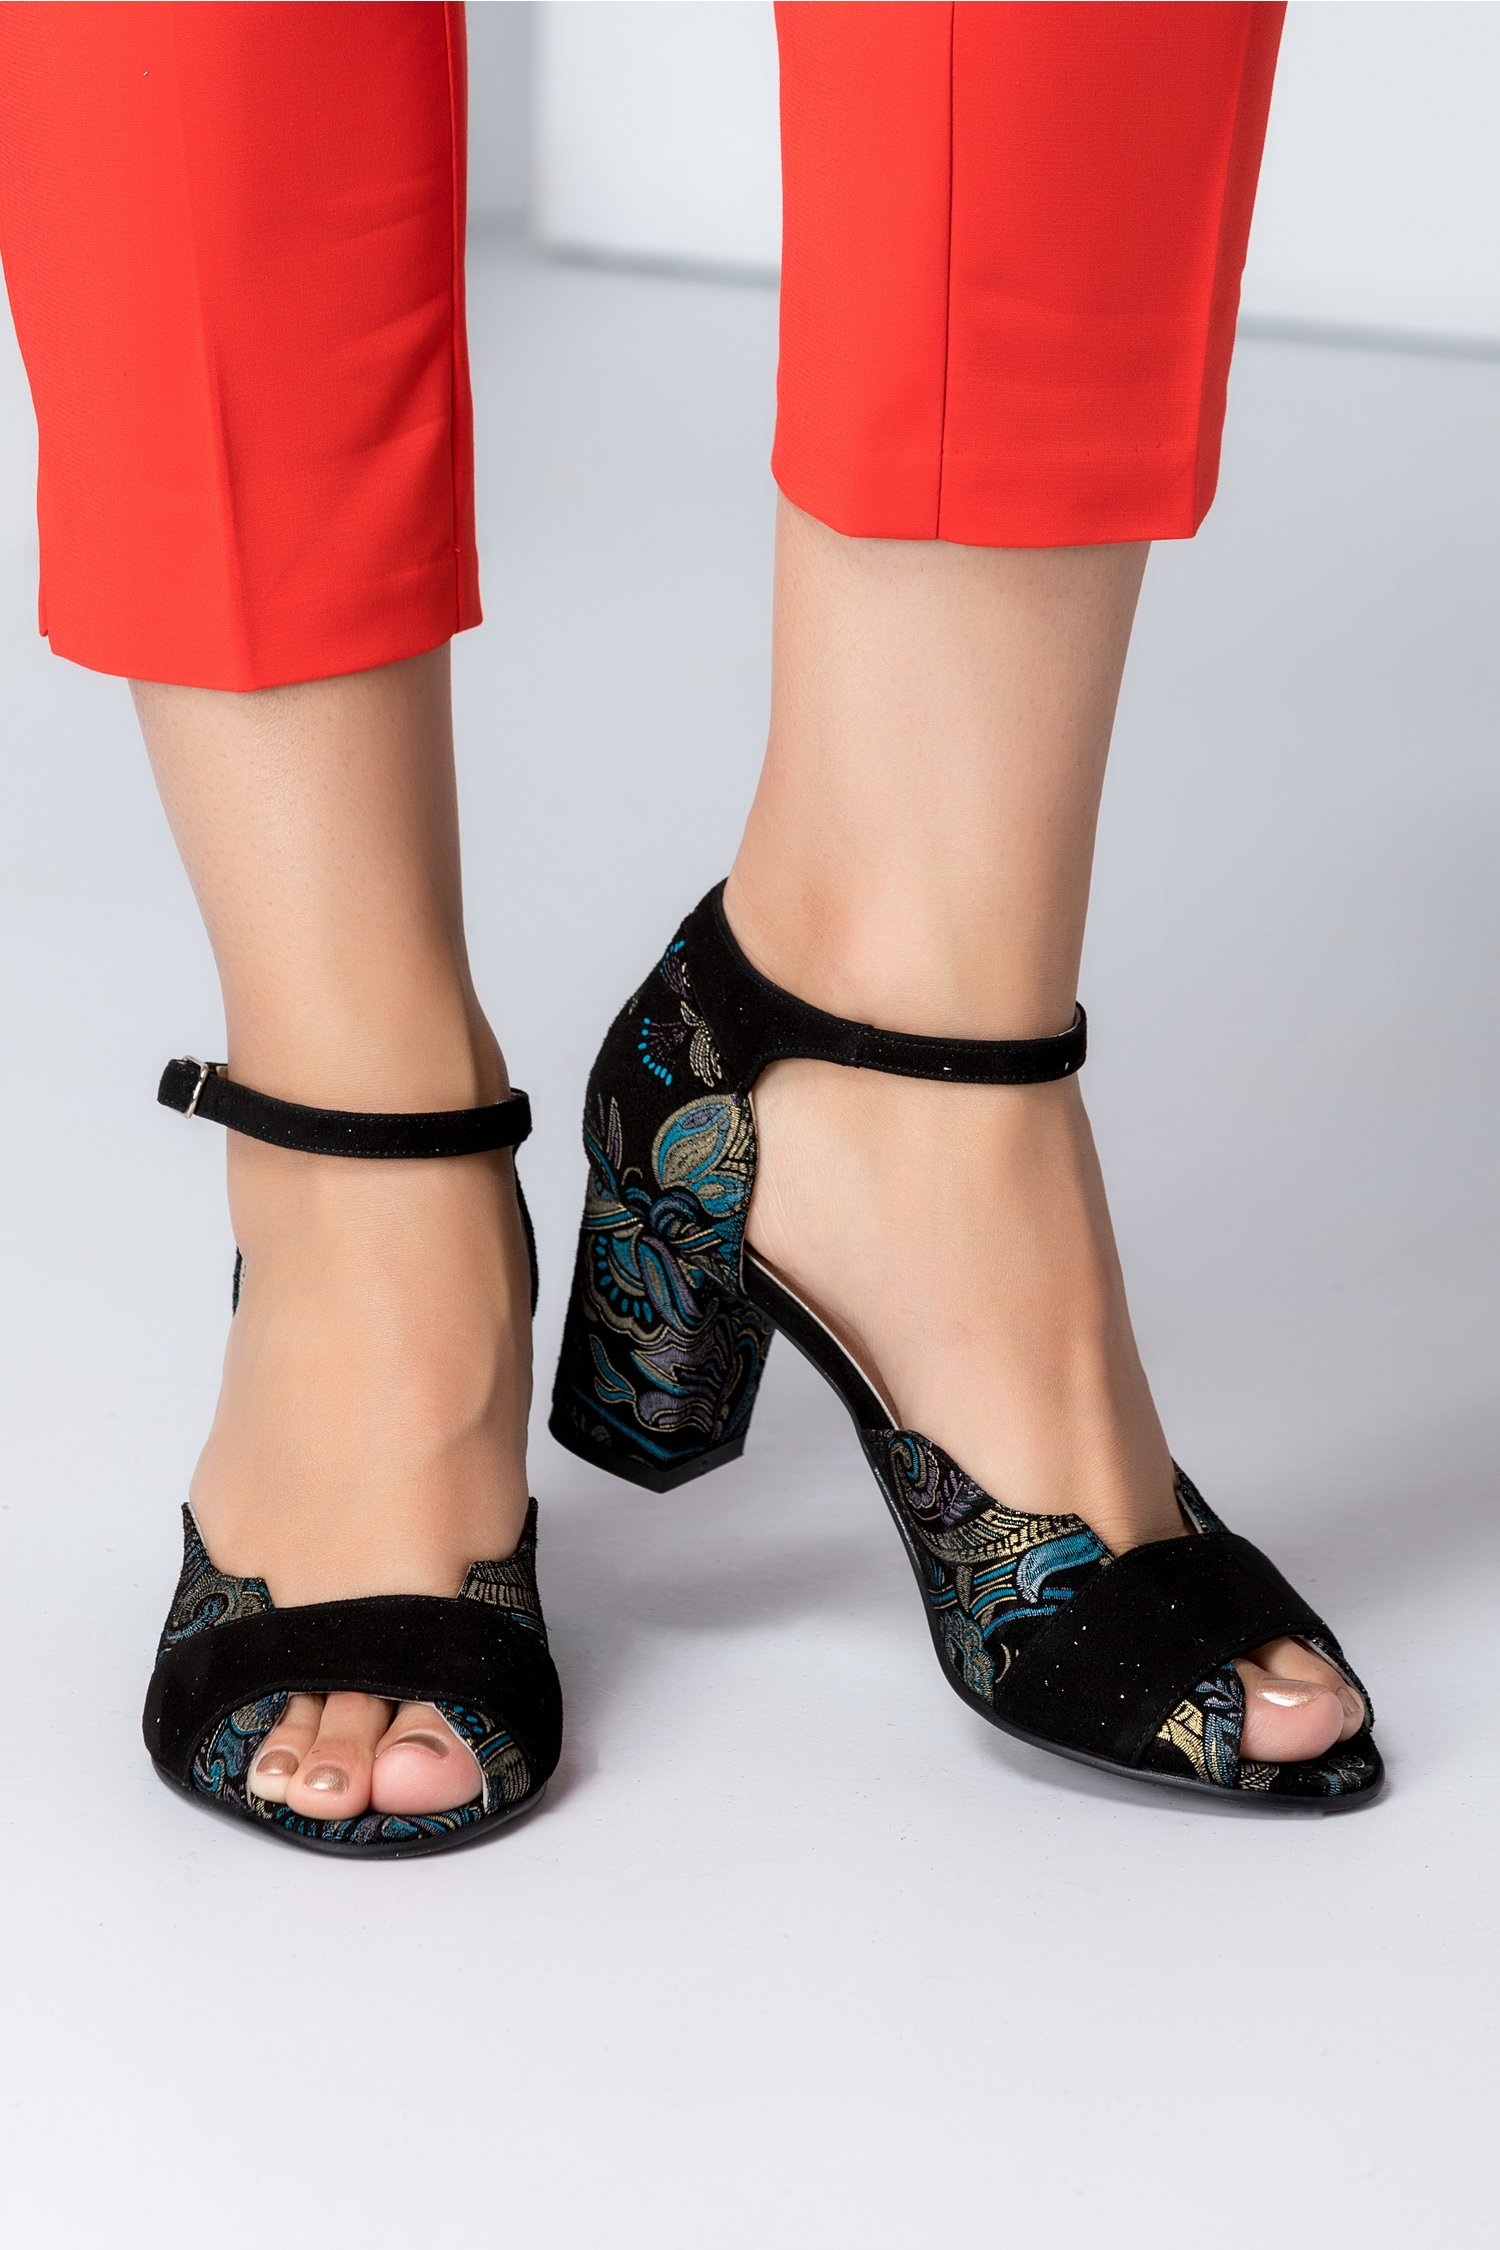 Sandale dama negre cu detalii florale